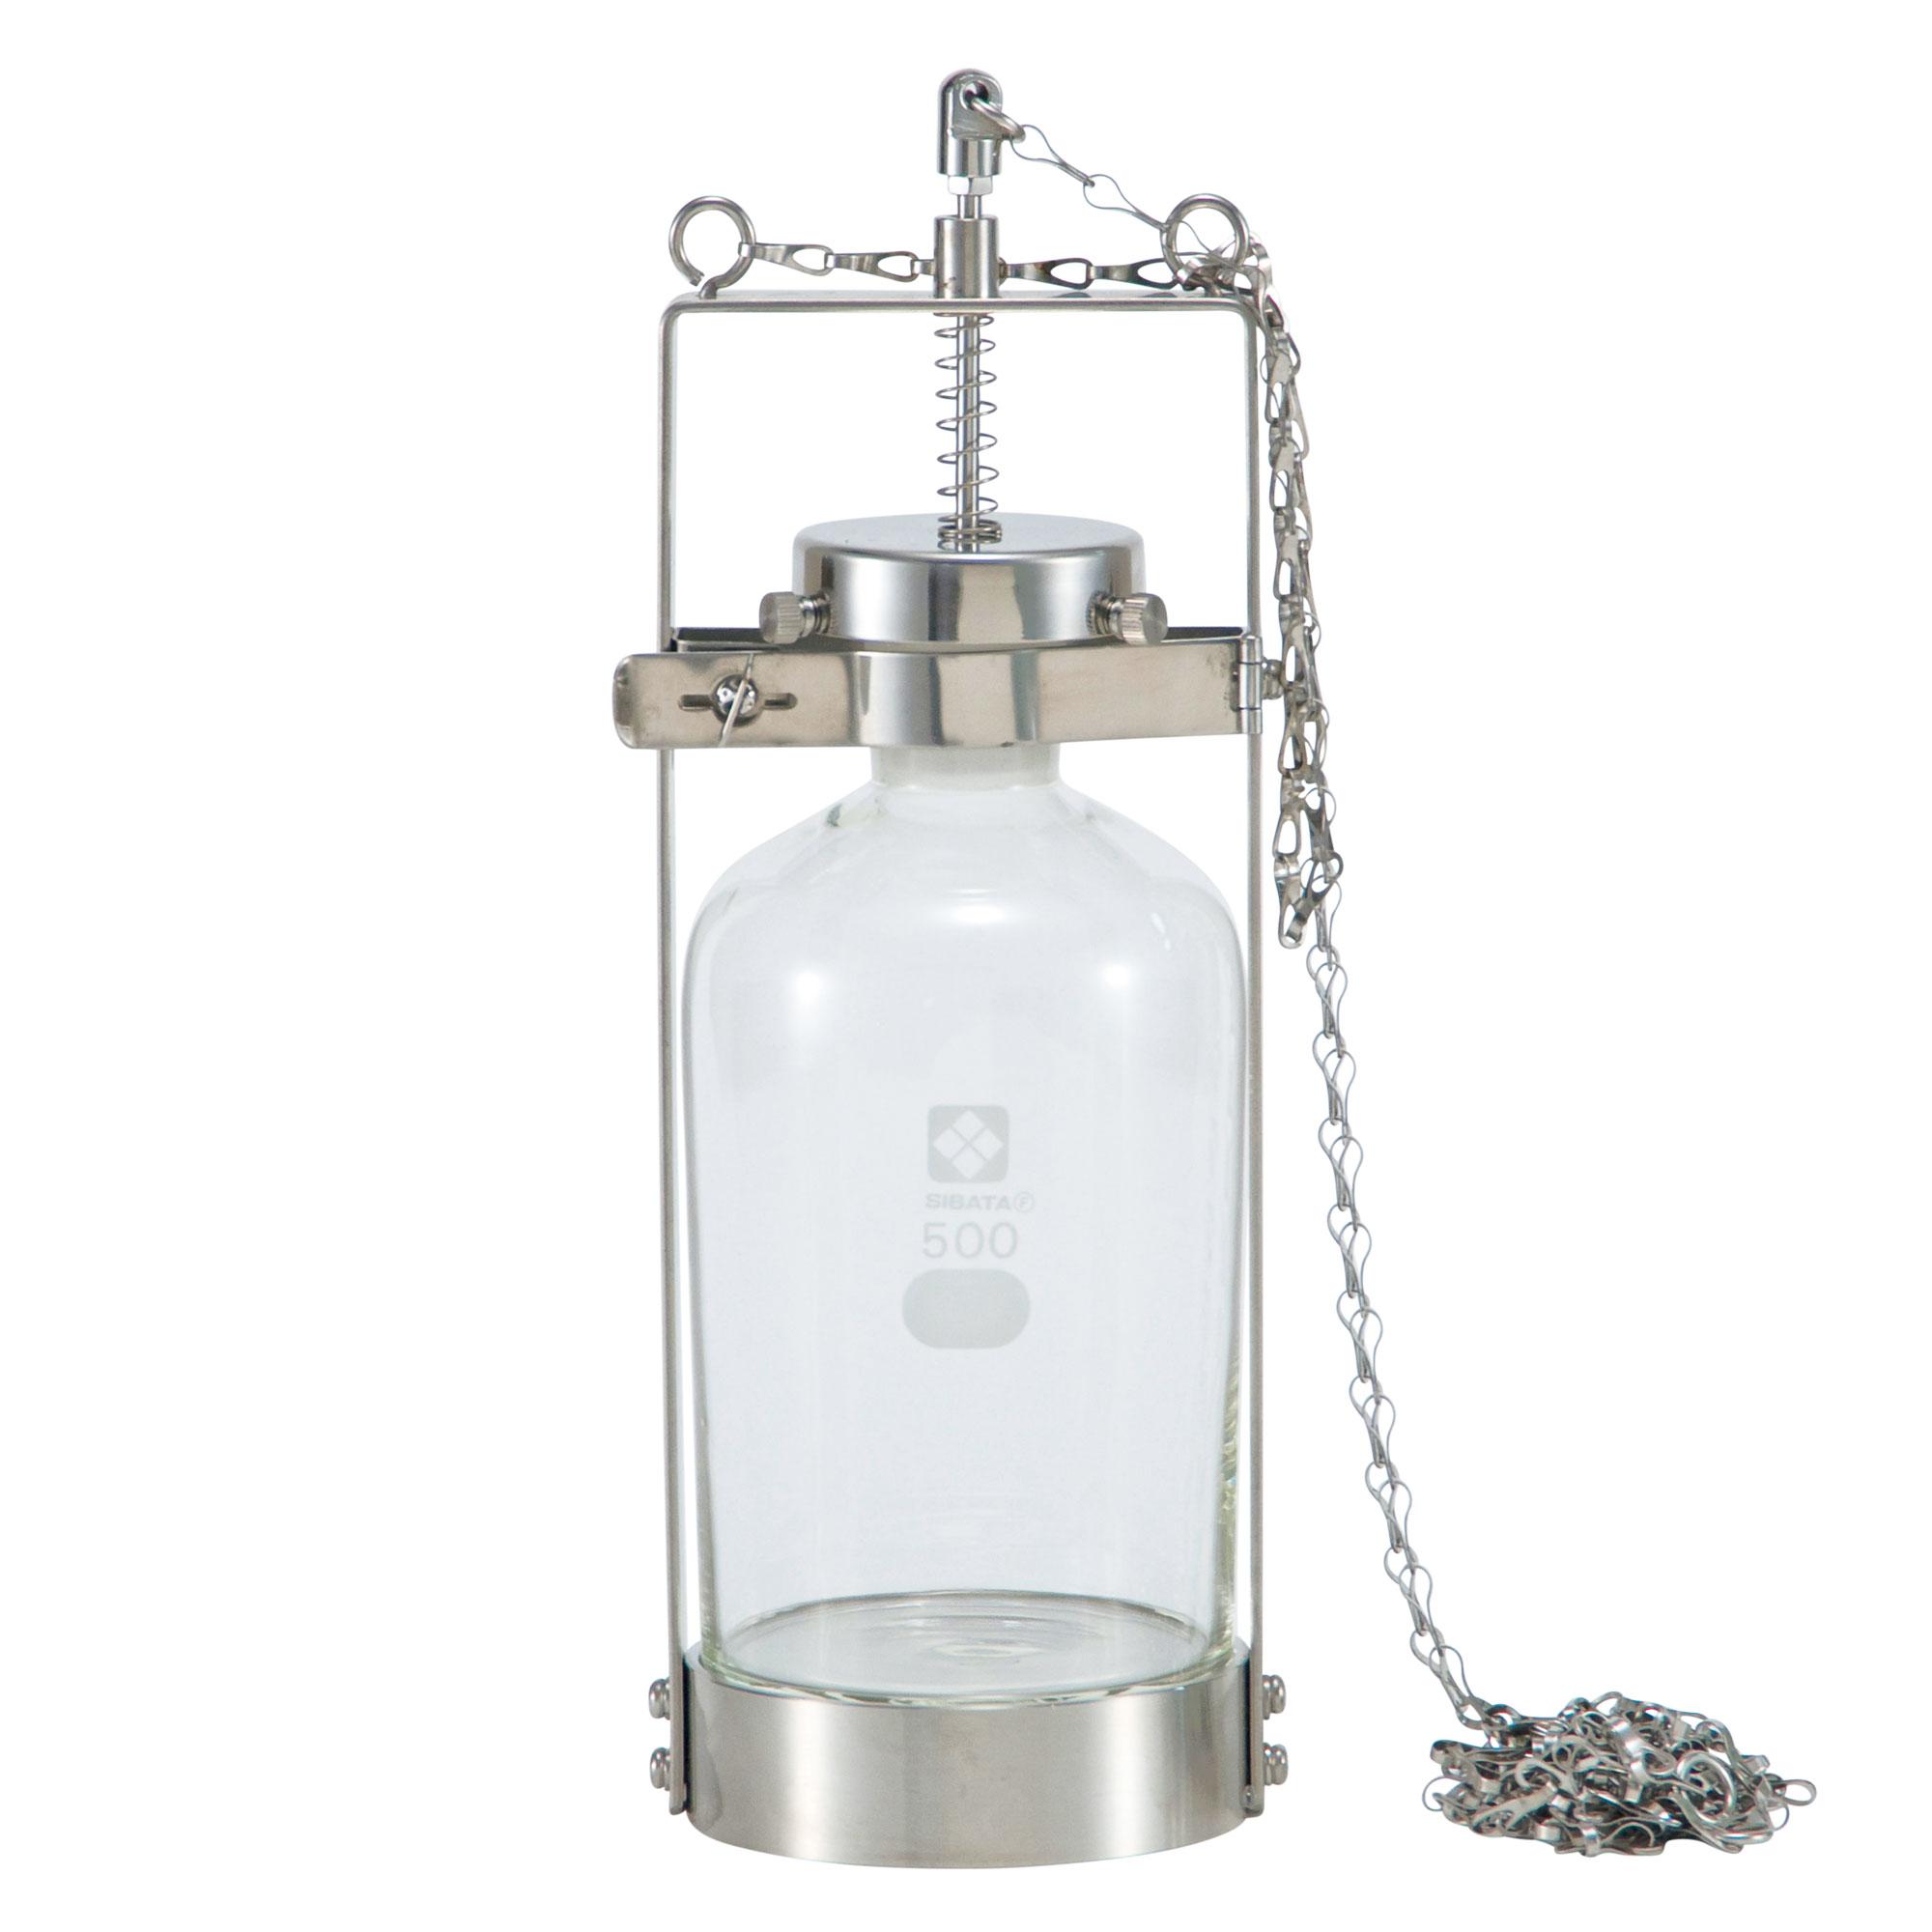 ハイロート採水器(金具付)